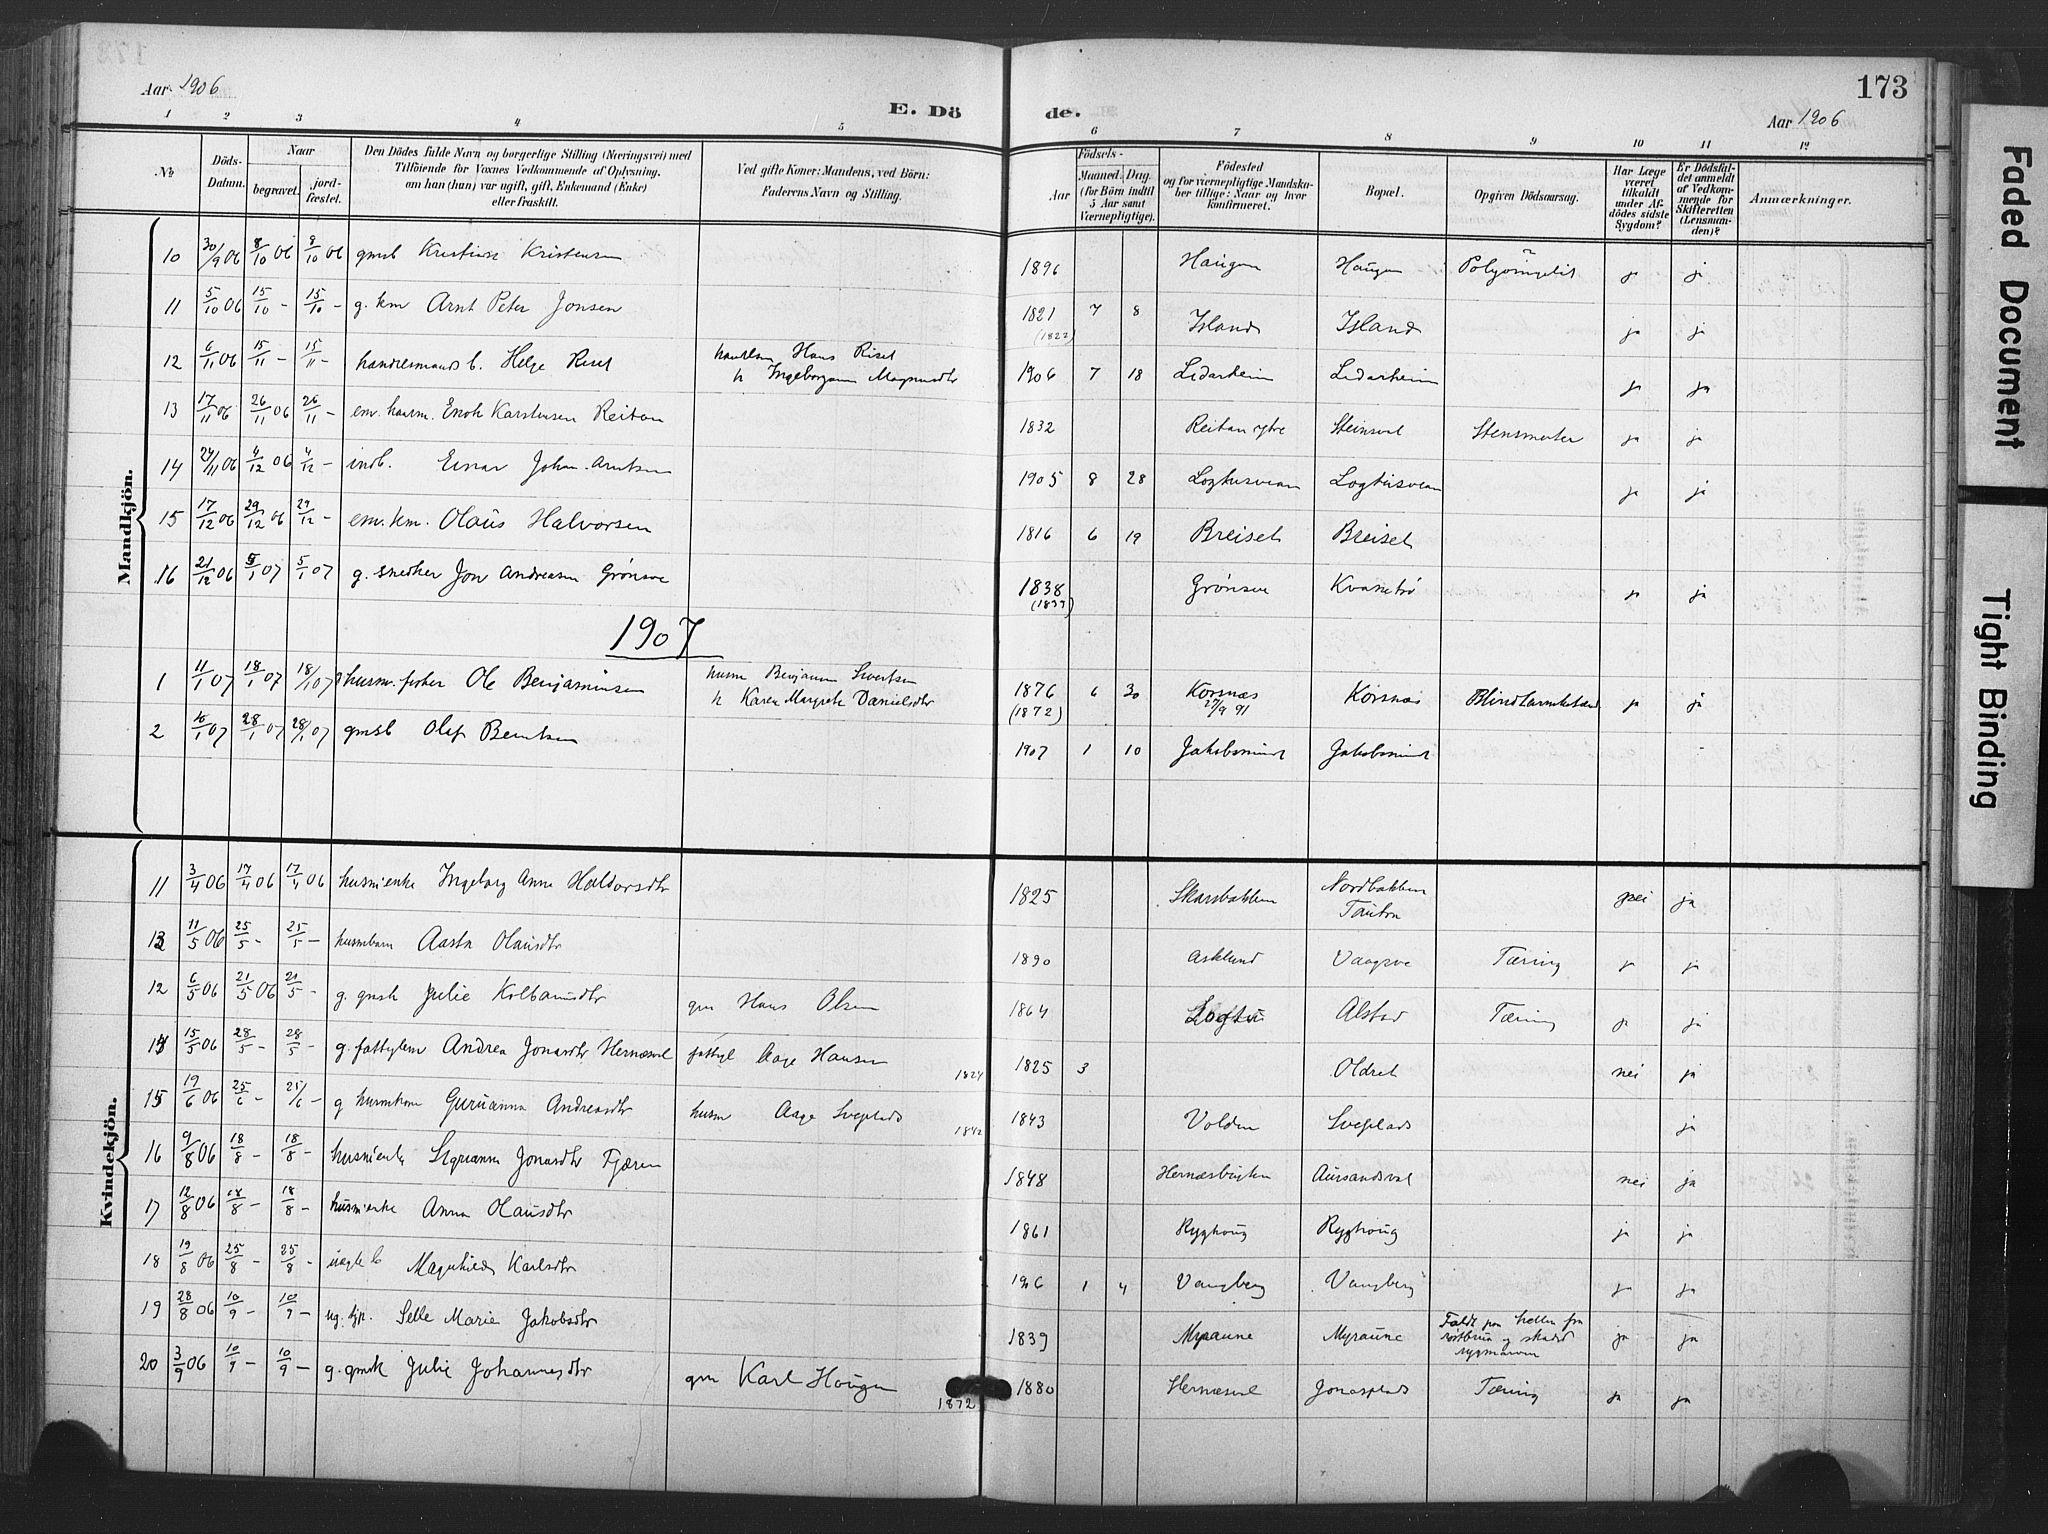 SAT, Ministerialprotokoller, klokkerbøker og fødselsregistre - Nord-Trøndelag, 713/L0122: Ministerialbok nr. 713A11, 1899-1910, s. 173